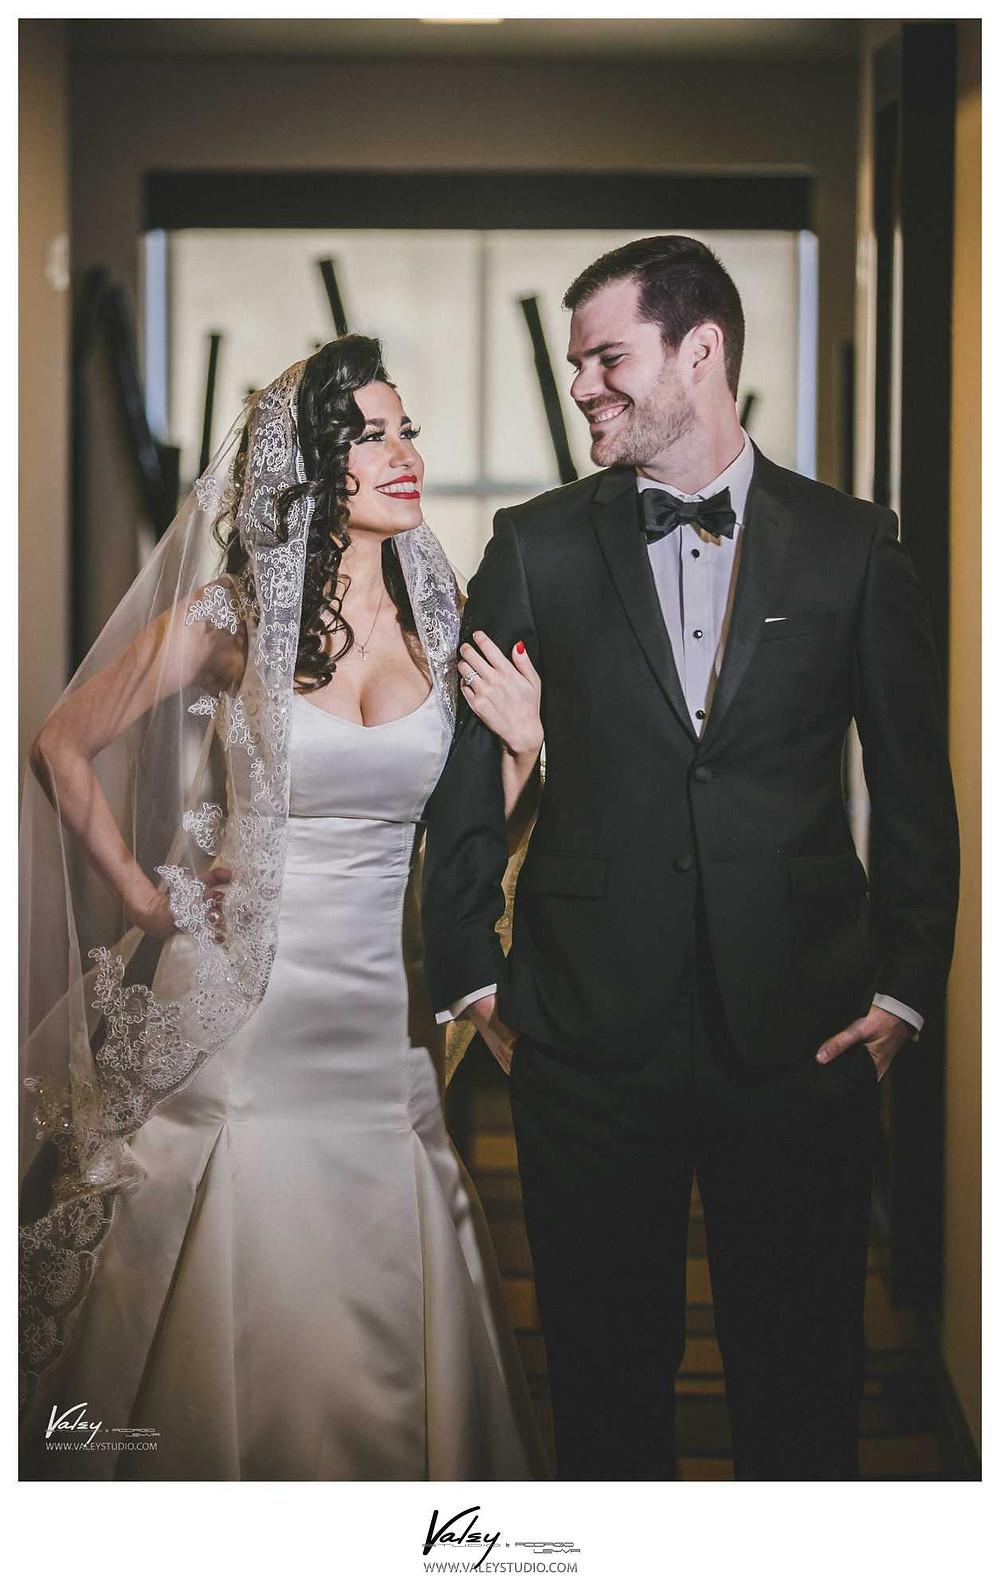 wedding-valeystudio-real-del-rio-tijuana-18.jpg